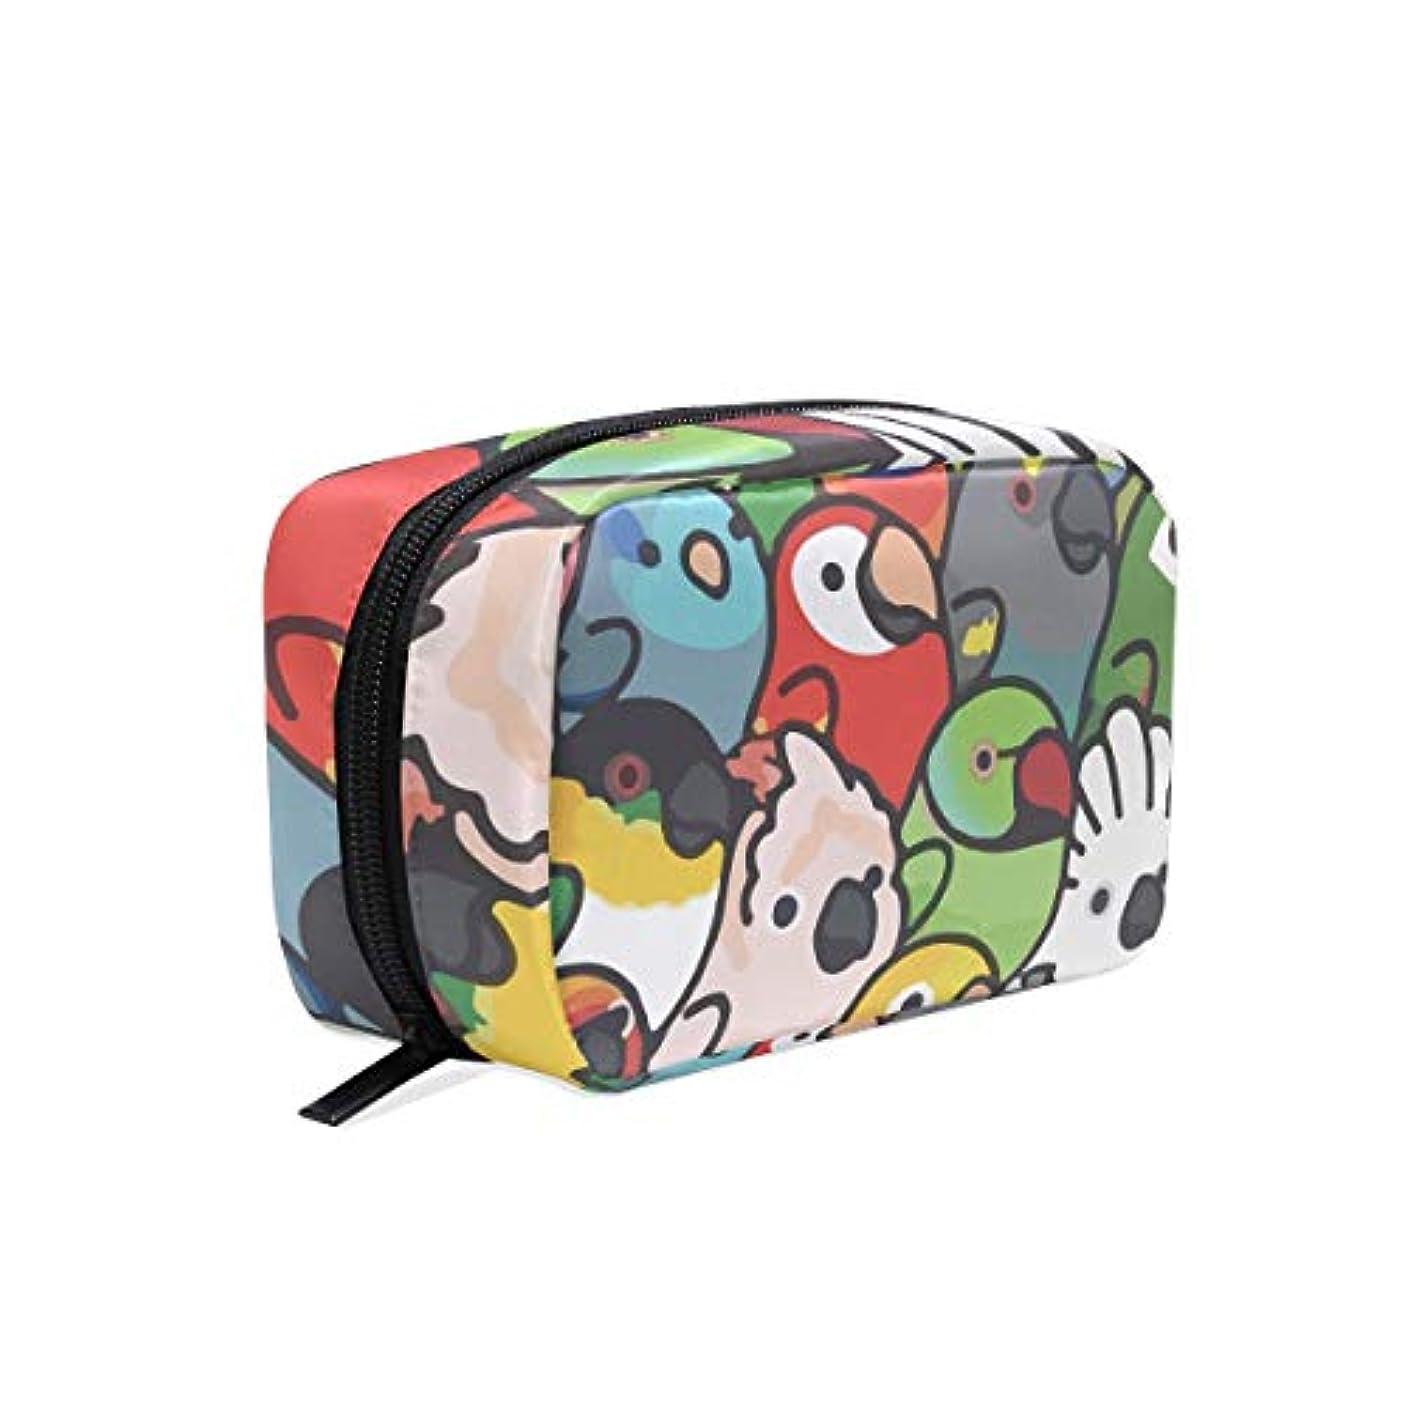 ヒット二次リルオウムのひな鳥 化粧ポーチ メイクポーチ コスメポーチ 化粧品収納 小物入れ 軽い 軽量 旅行も便利 [並行輸入品]